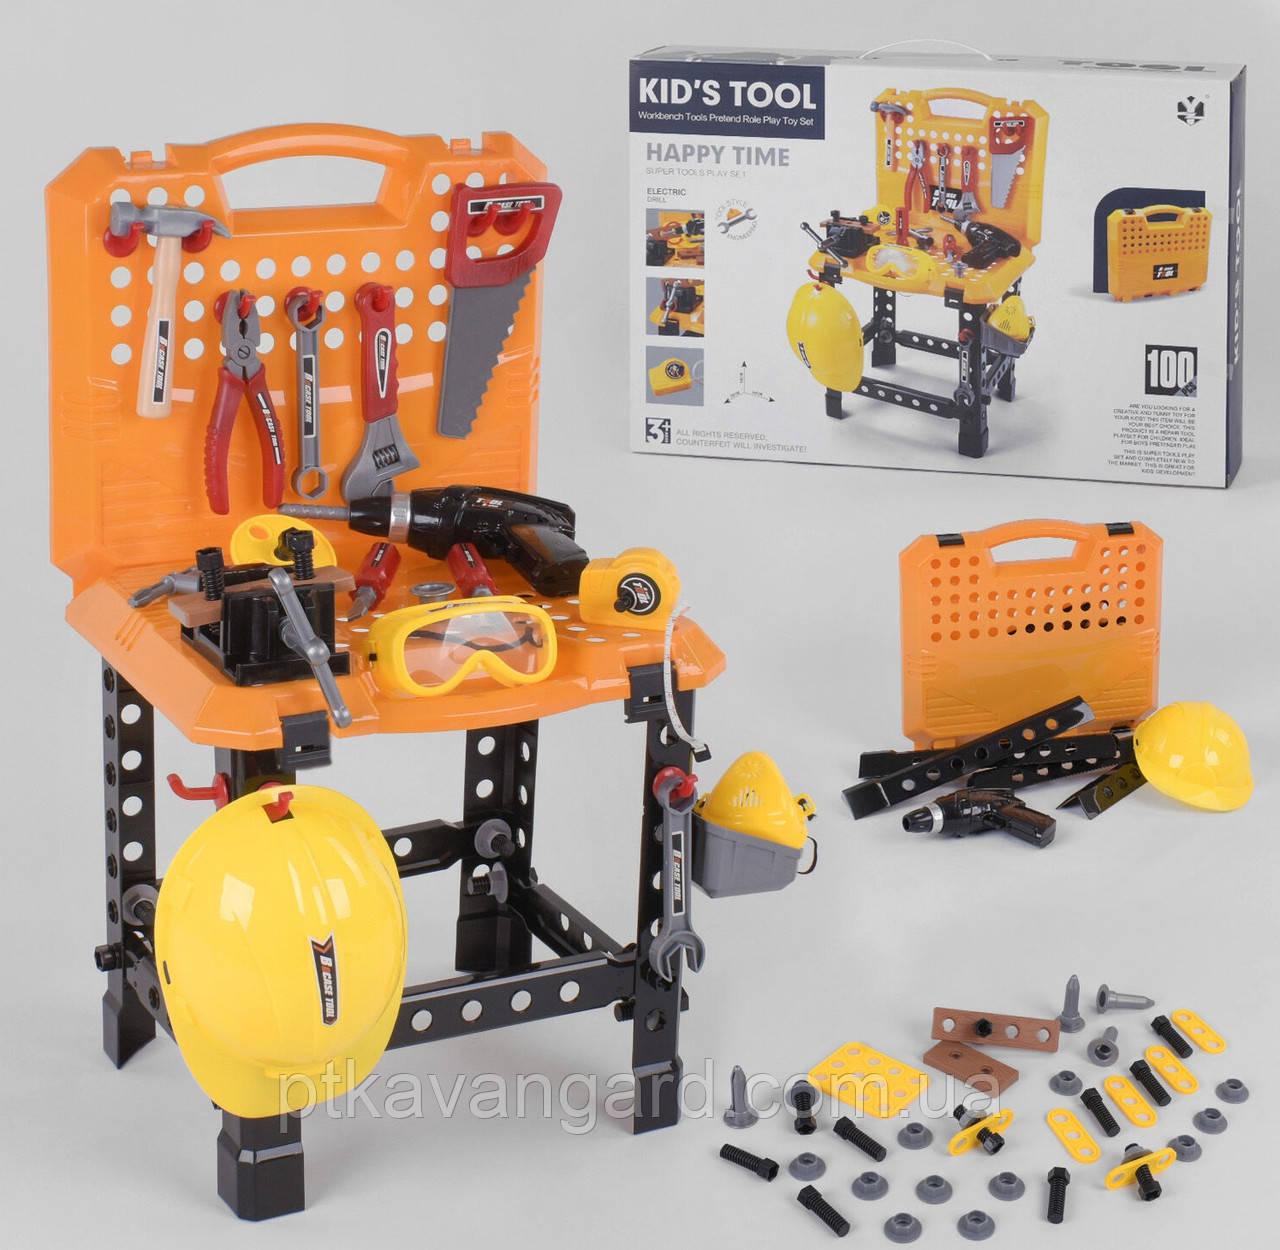 Игровая детская Мастерская с инструментами в кейсе, набор инструментов для мальчиков T 101-1